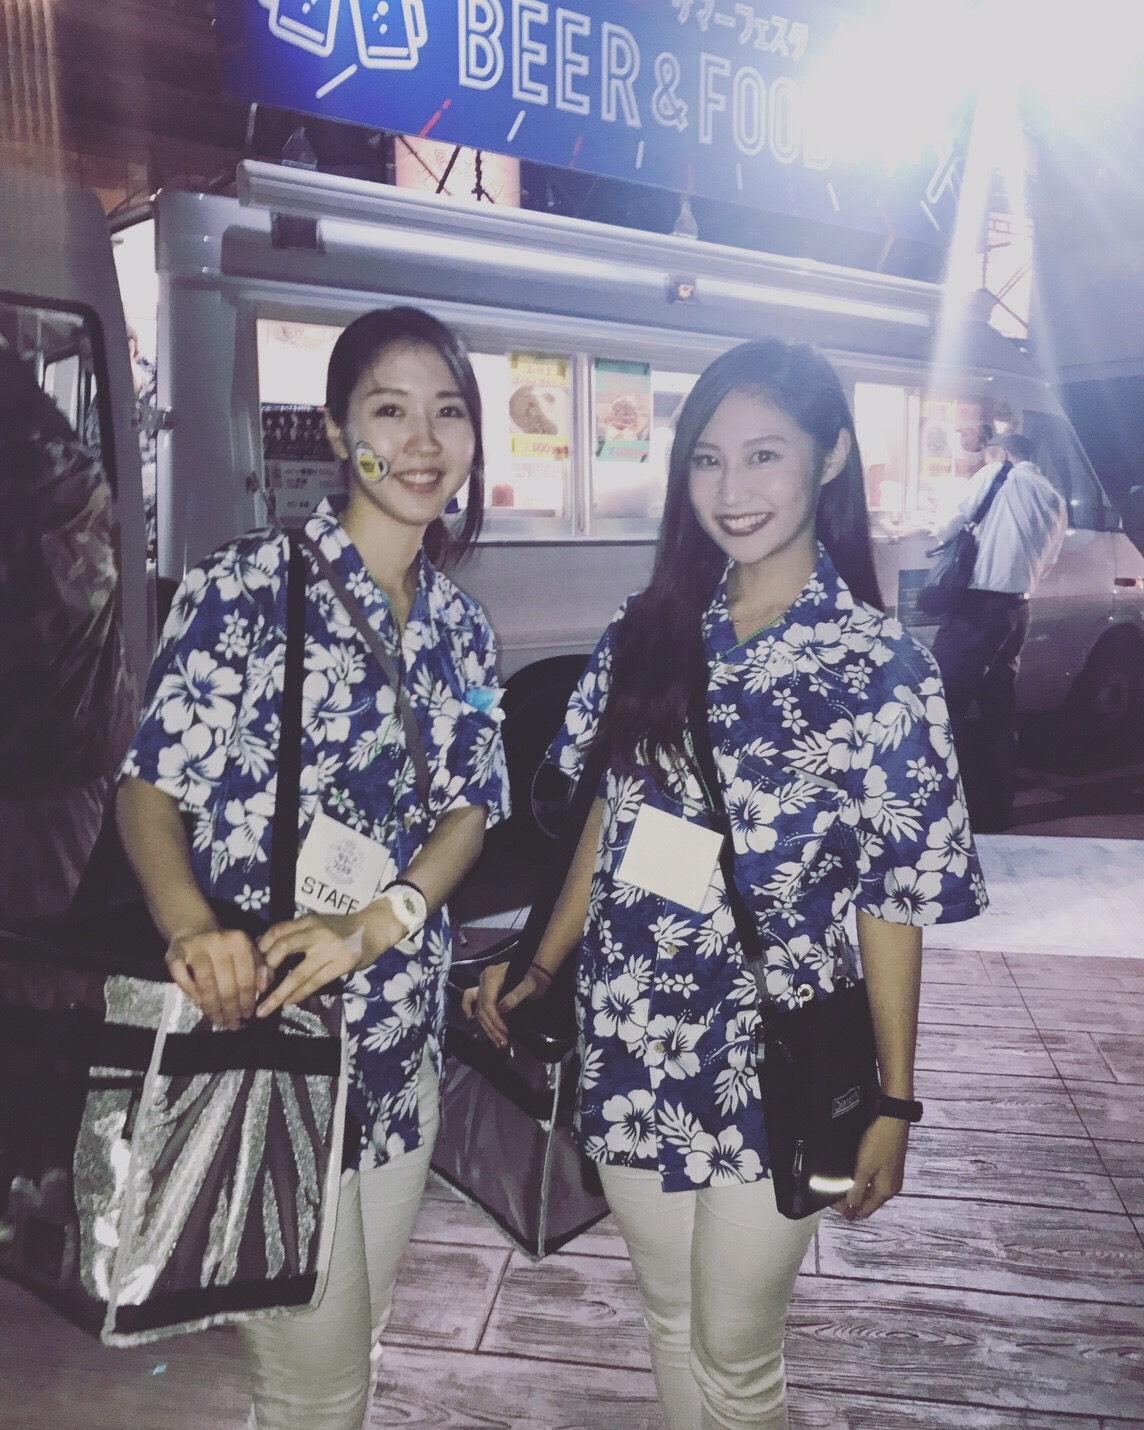 サッカー日本代表戦 ビール売り @ららぽーと豊洲